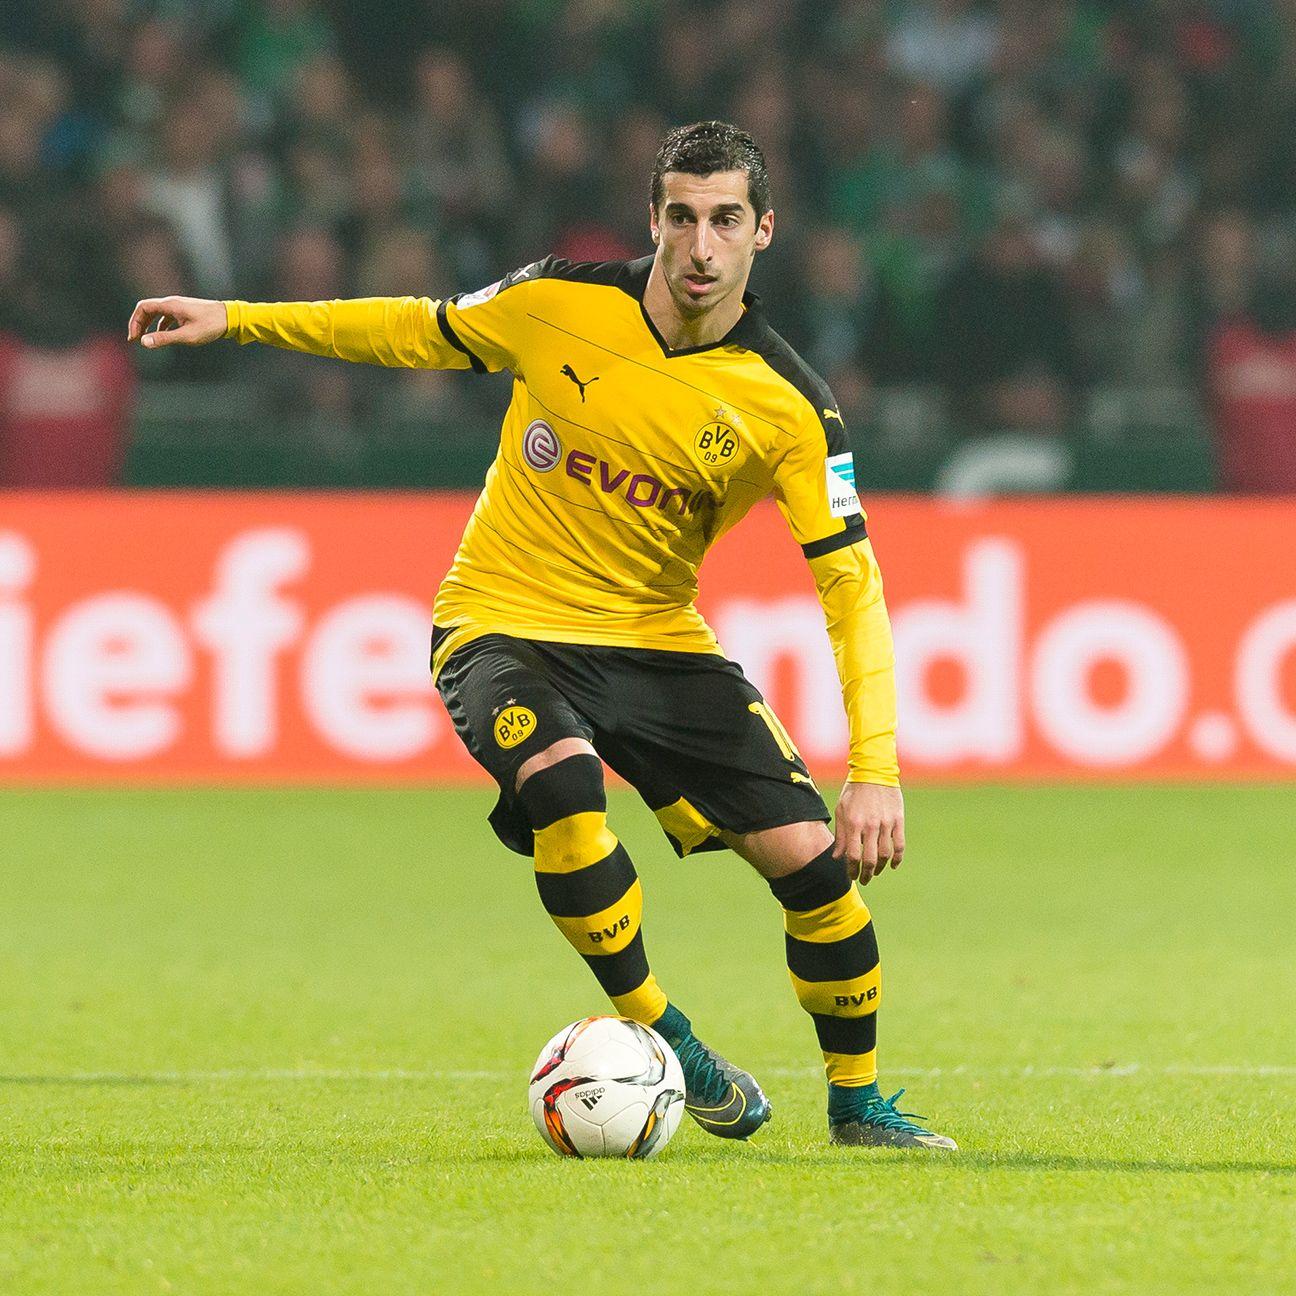 Henrikh Mkhitaryan has three goals in his last three matches for Borussia Dortmund.